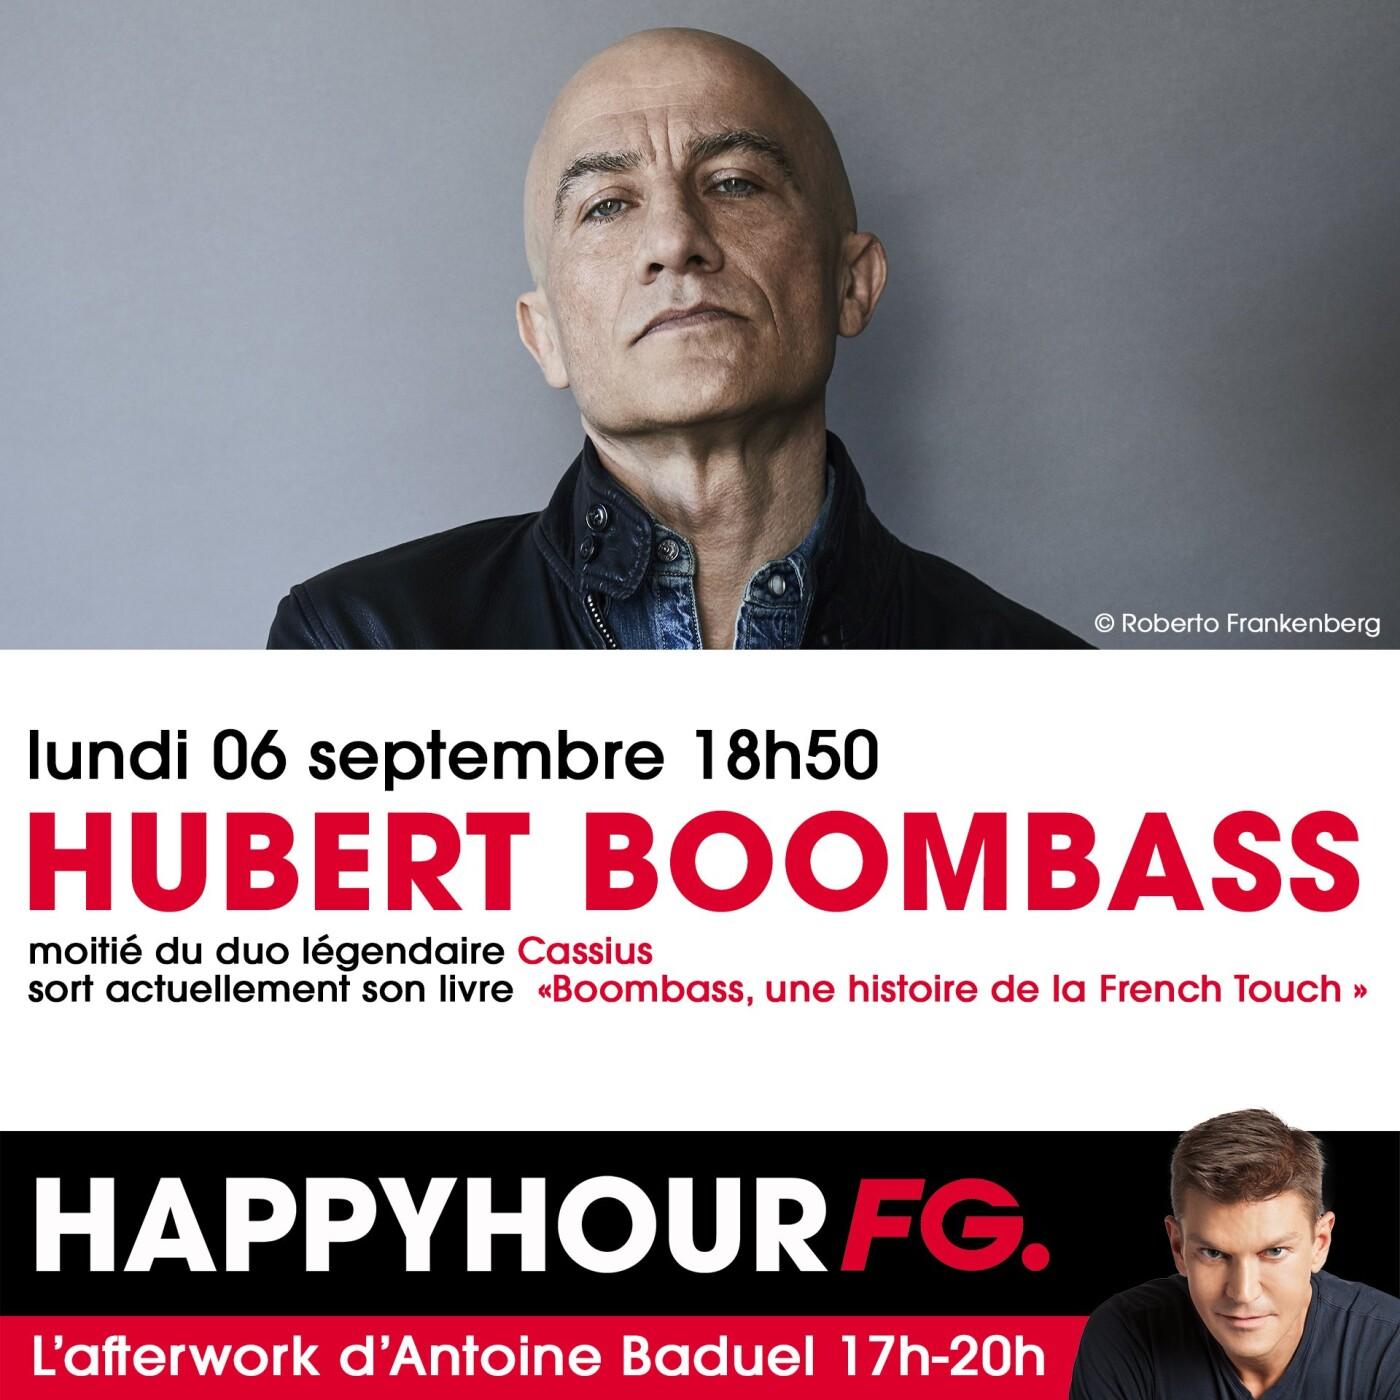 HAPPY HOUR INTERVIEW : HUBERT BOOMBASS